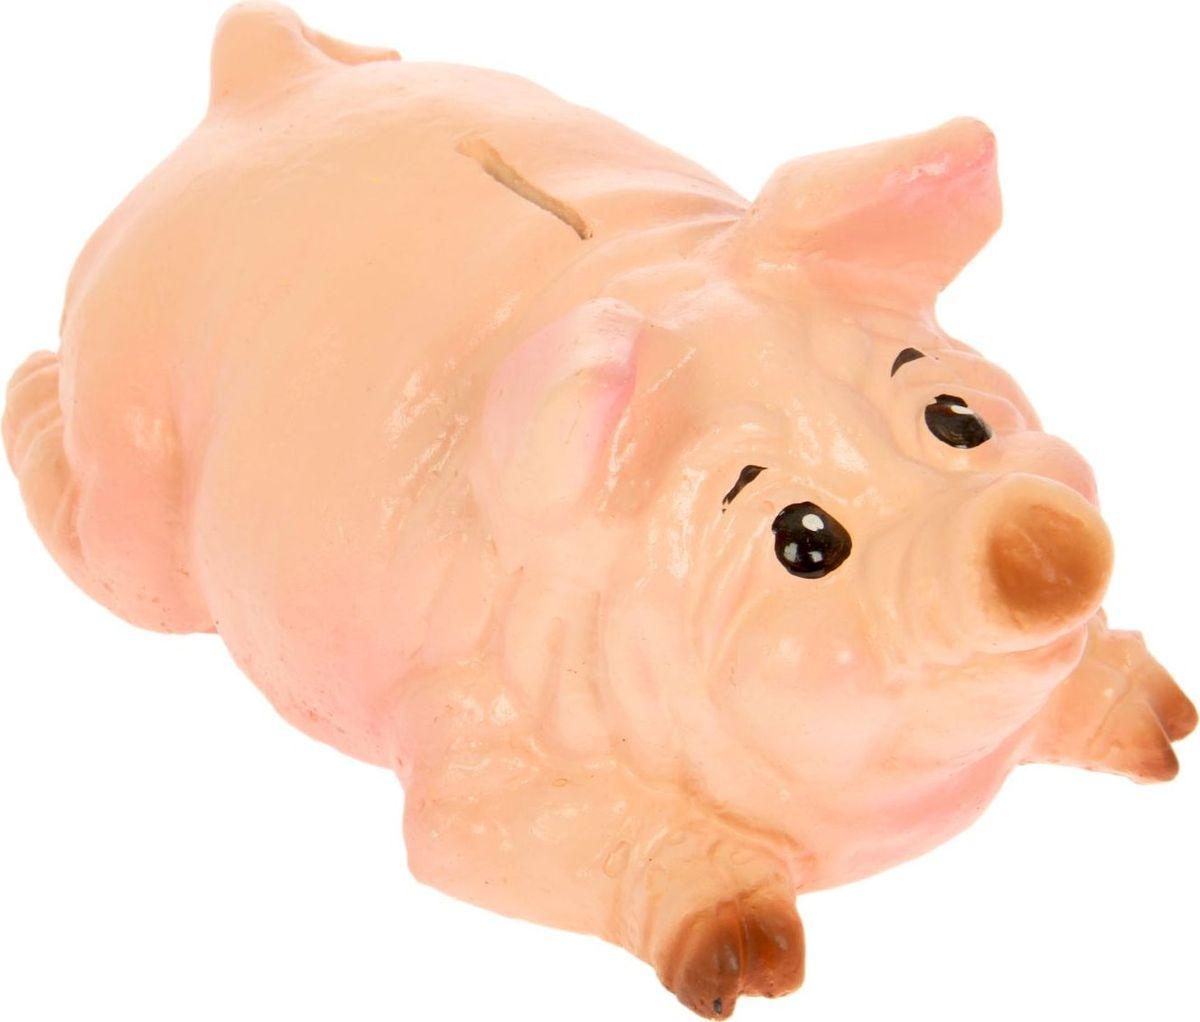 Копилка Свин лежит, 18 см х 12 см х 8 см168125Копилка-свинка символизирует растущее богатство. Она помогает сохранить те накопления, которые у вас уже имеются, и будет их постоянно пополнять. Желательно поставить её на видное место и положить рядом жёлудь. Пусть все подкармливают вашу хрюшку любыми монетами и даже бумажными купюрами, ведь это непривередливое животное. Не забывайте время от времени натирать ей пятачок - этот ритуал будет привлекать в дом крупные финансовые поступления.Обращаем ваше внимание, что копилка является одноразовой.